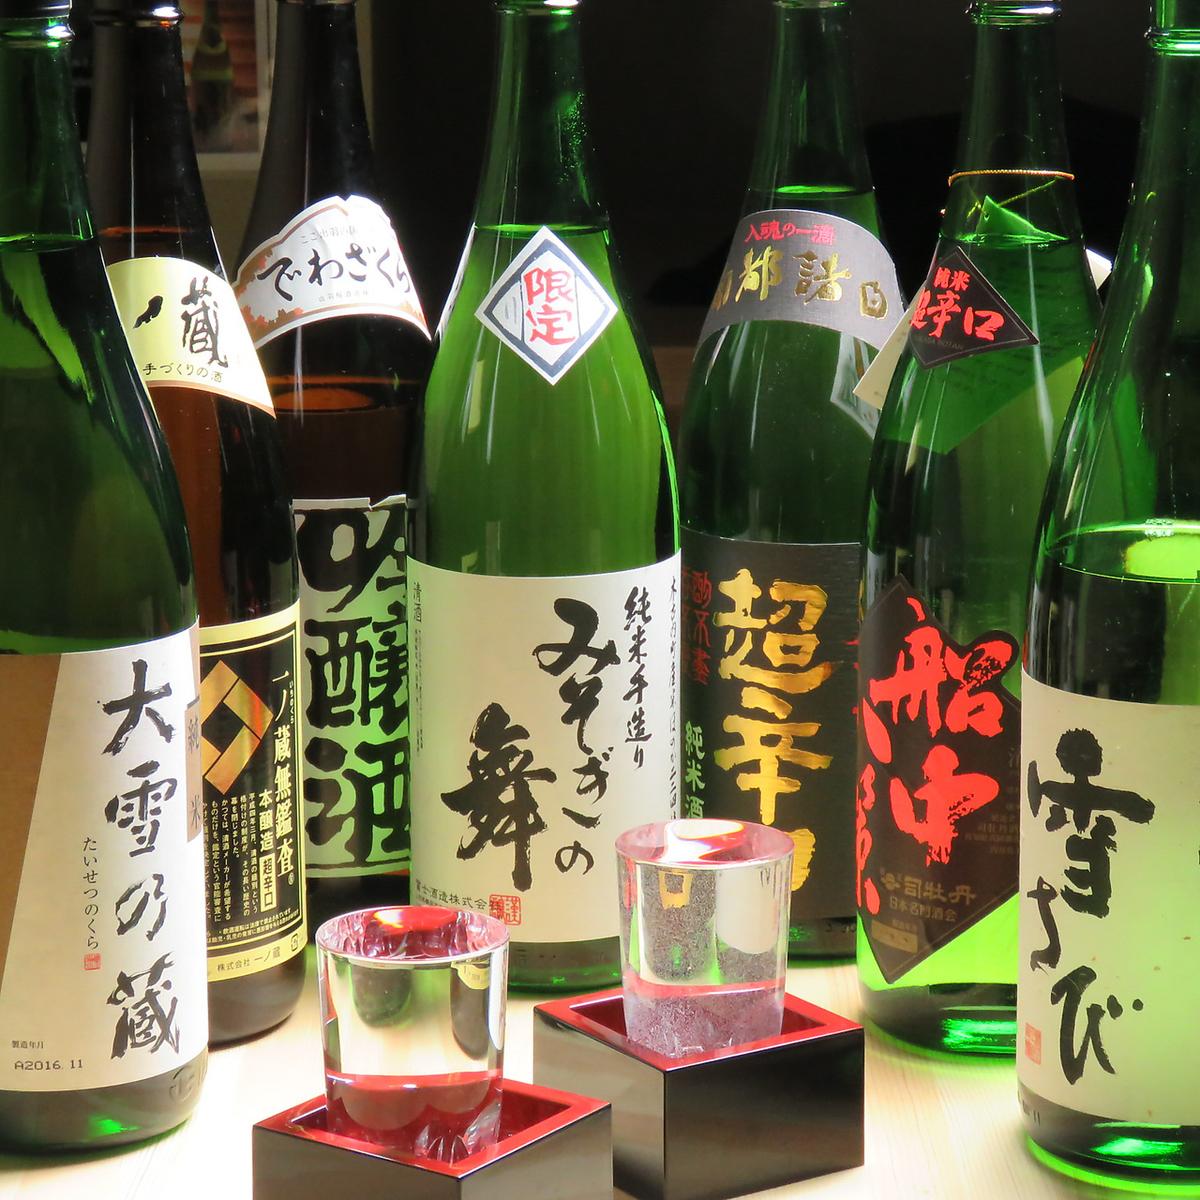 We have various Japanese sake